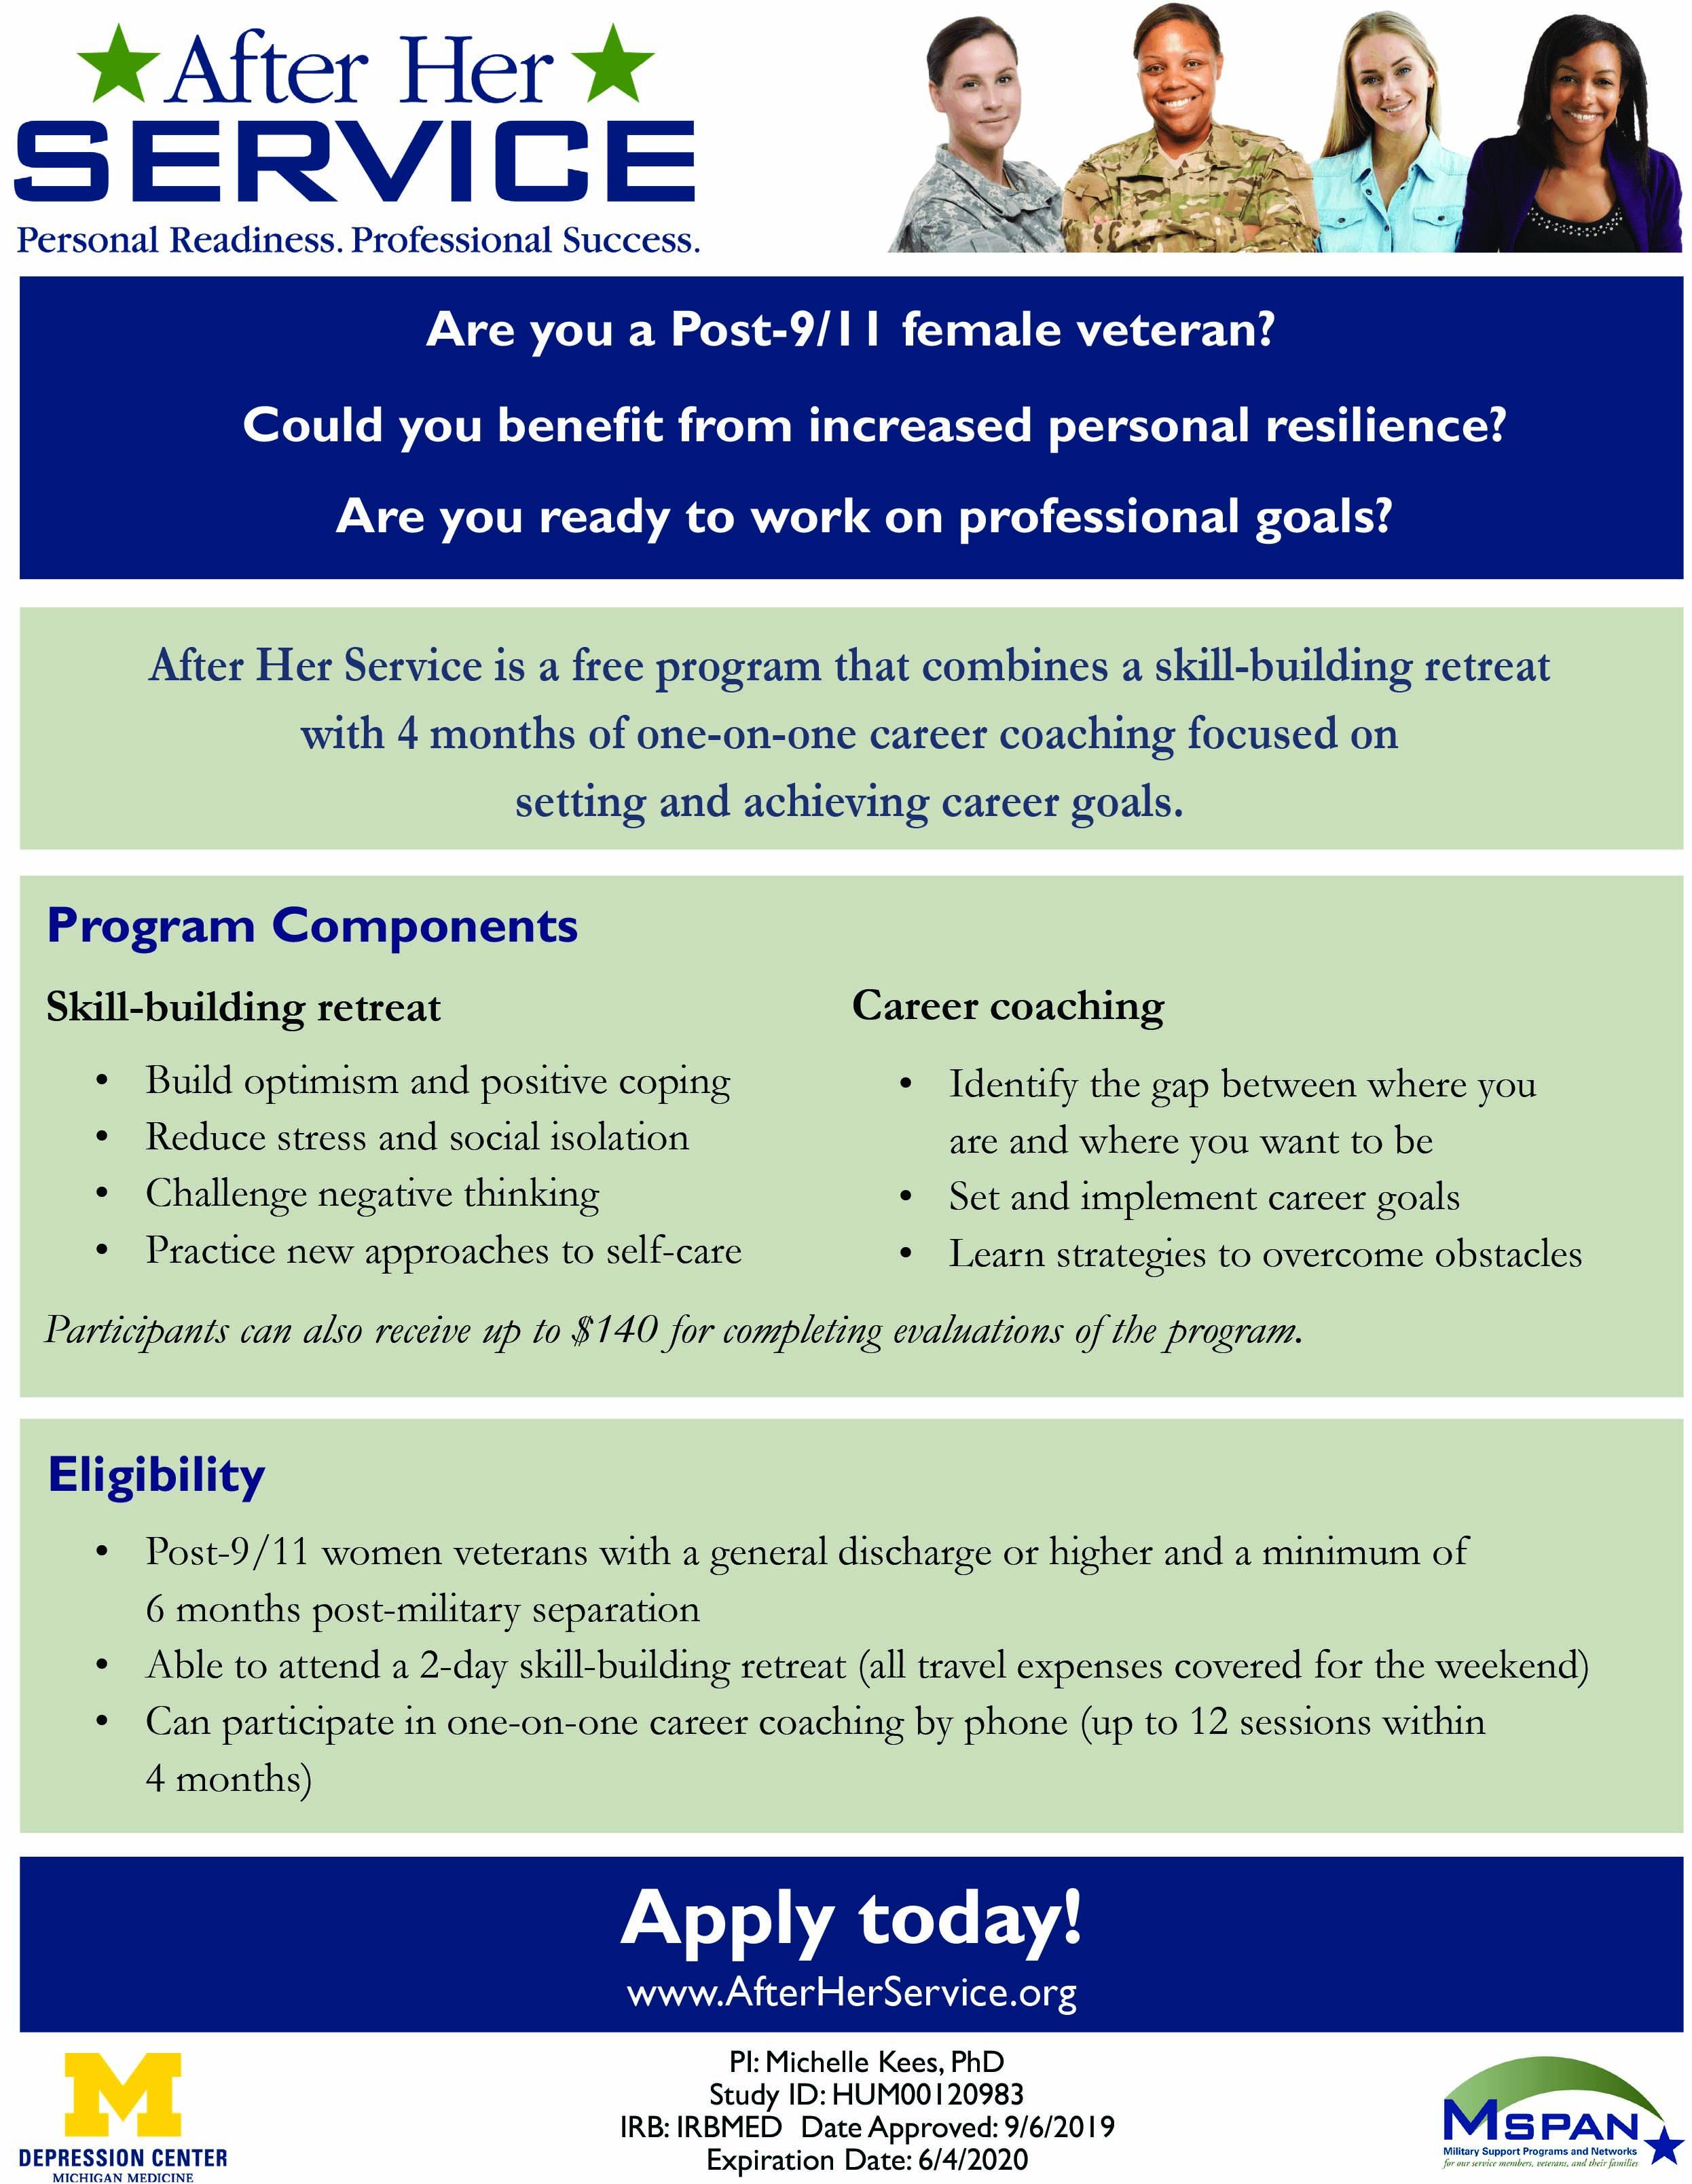 AHS Recruitment Flyer_Fall 2019-Winter 2